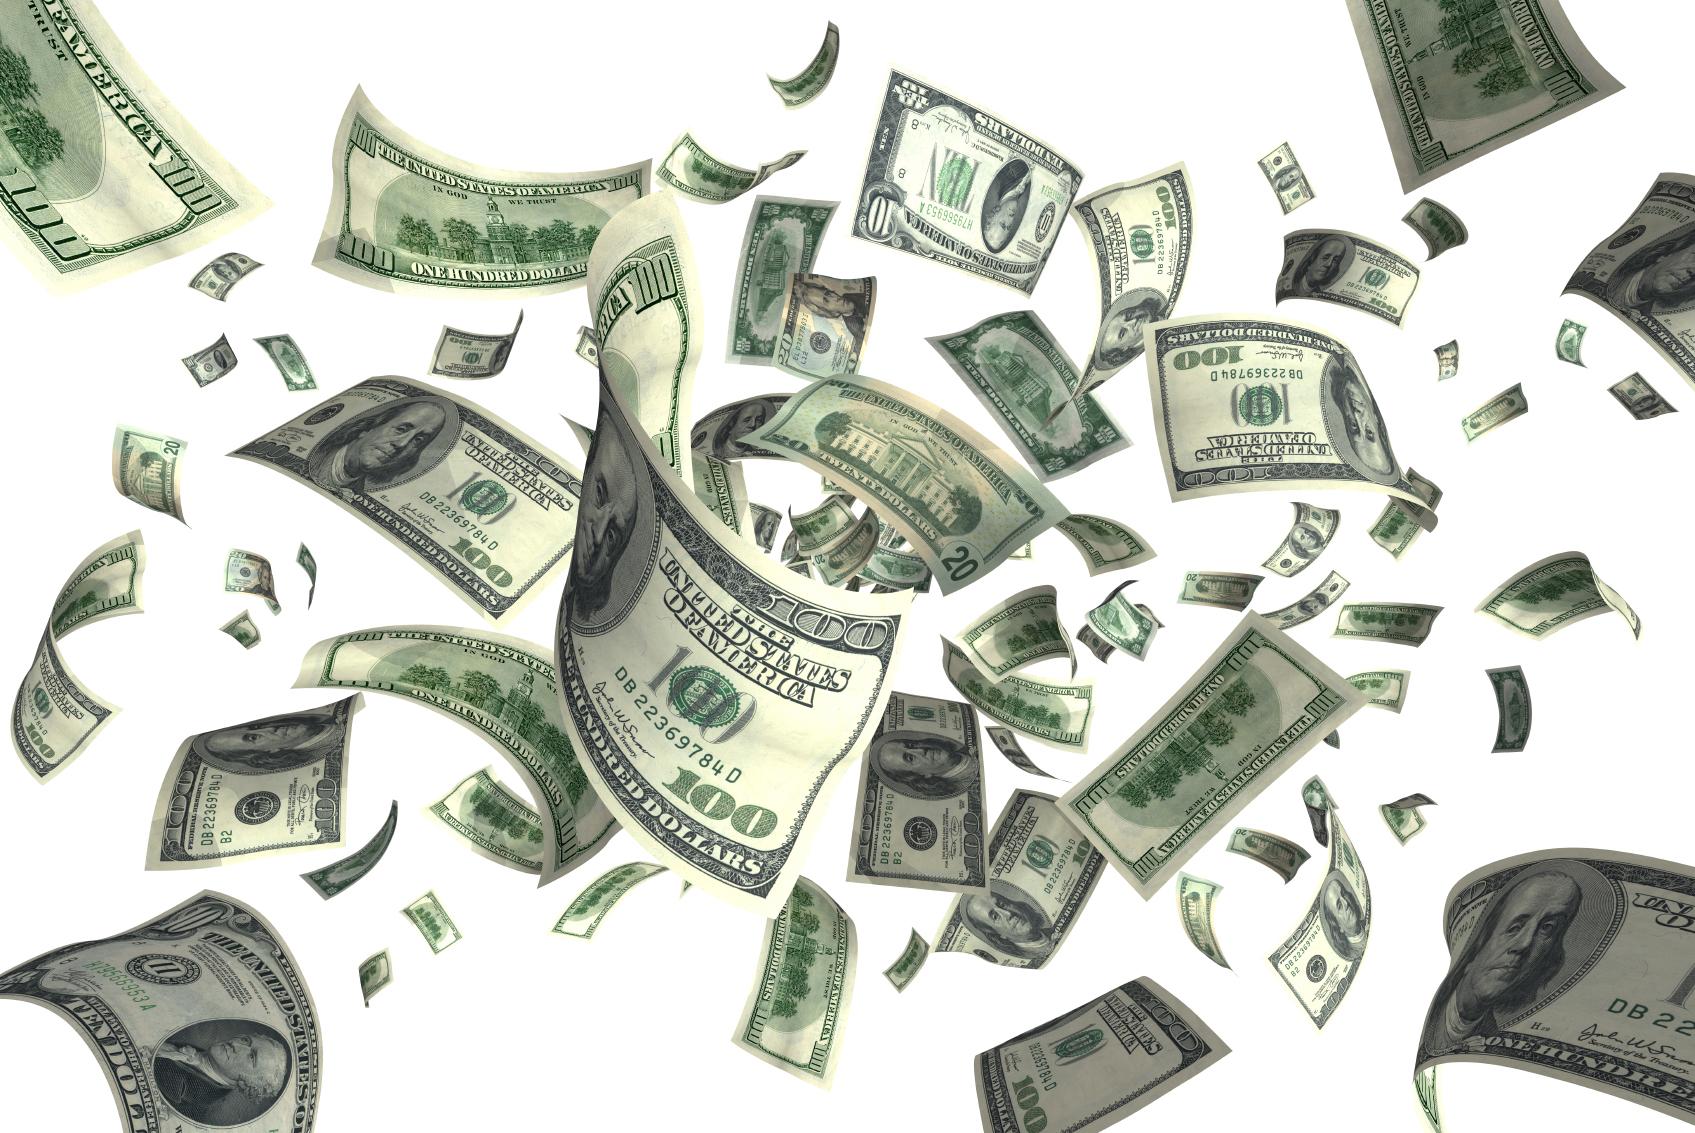 Can casino chip i money money play real sell tulalip washington casino